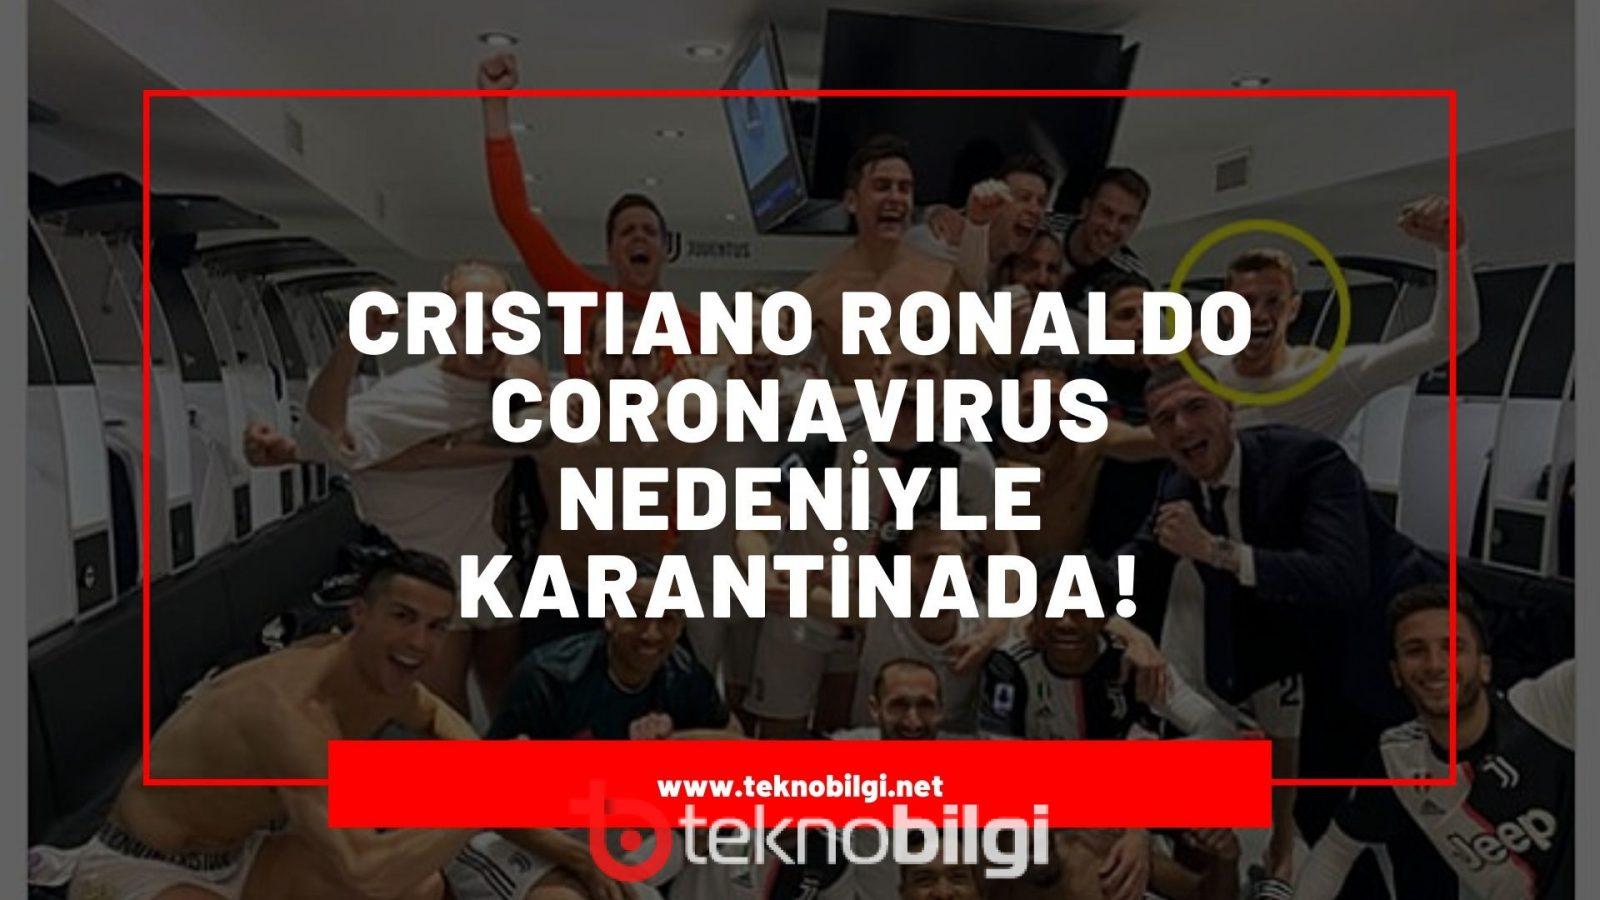 Cristiano Ronaldo Coronavirus Şüphesi ile Karantinaya Alındı